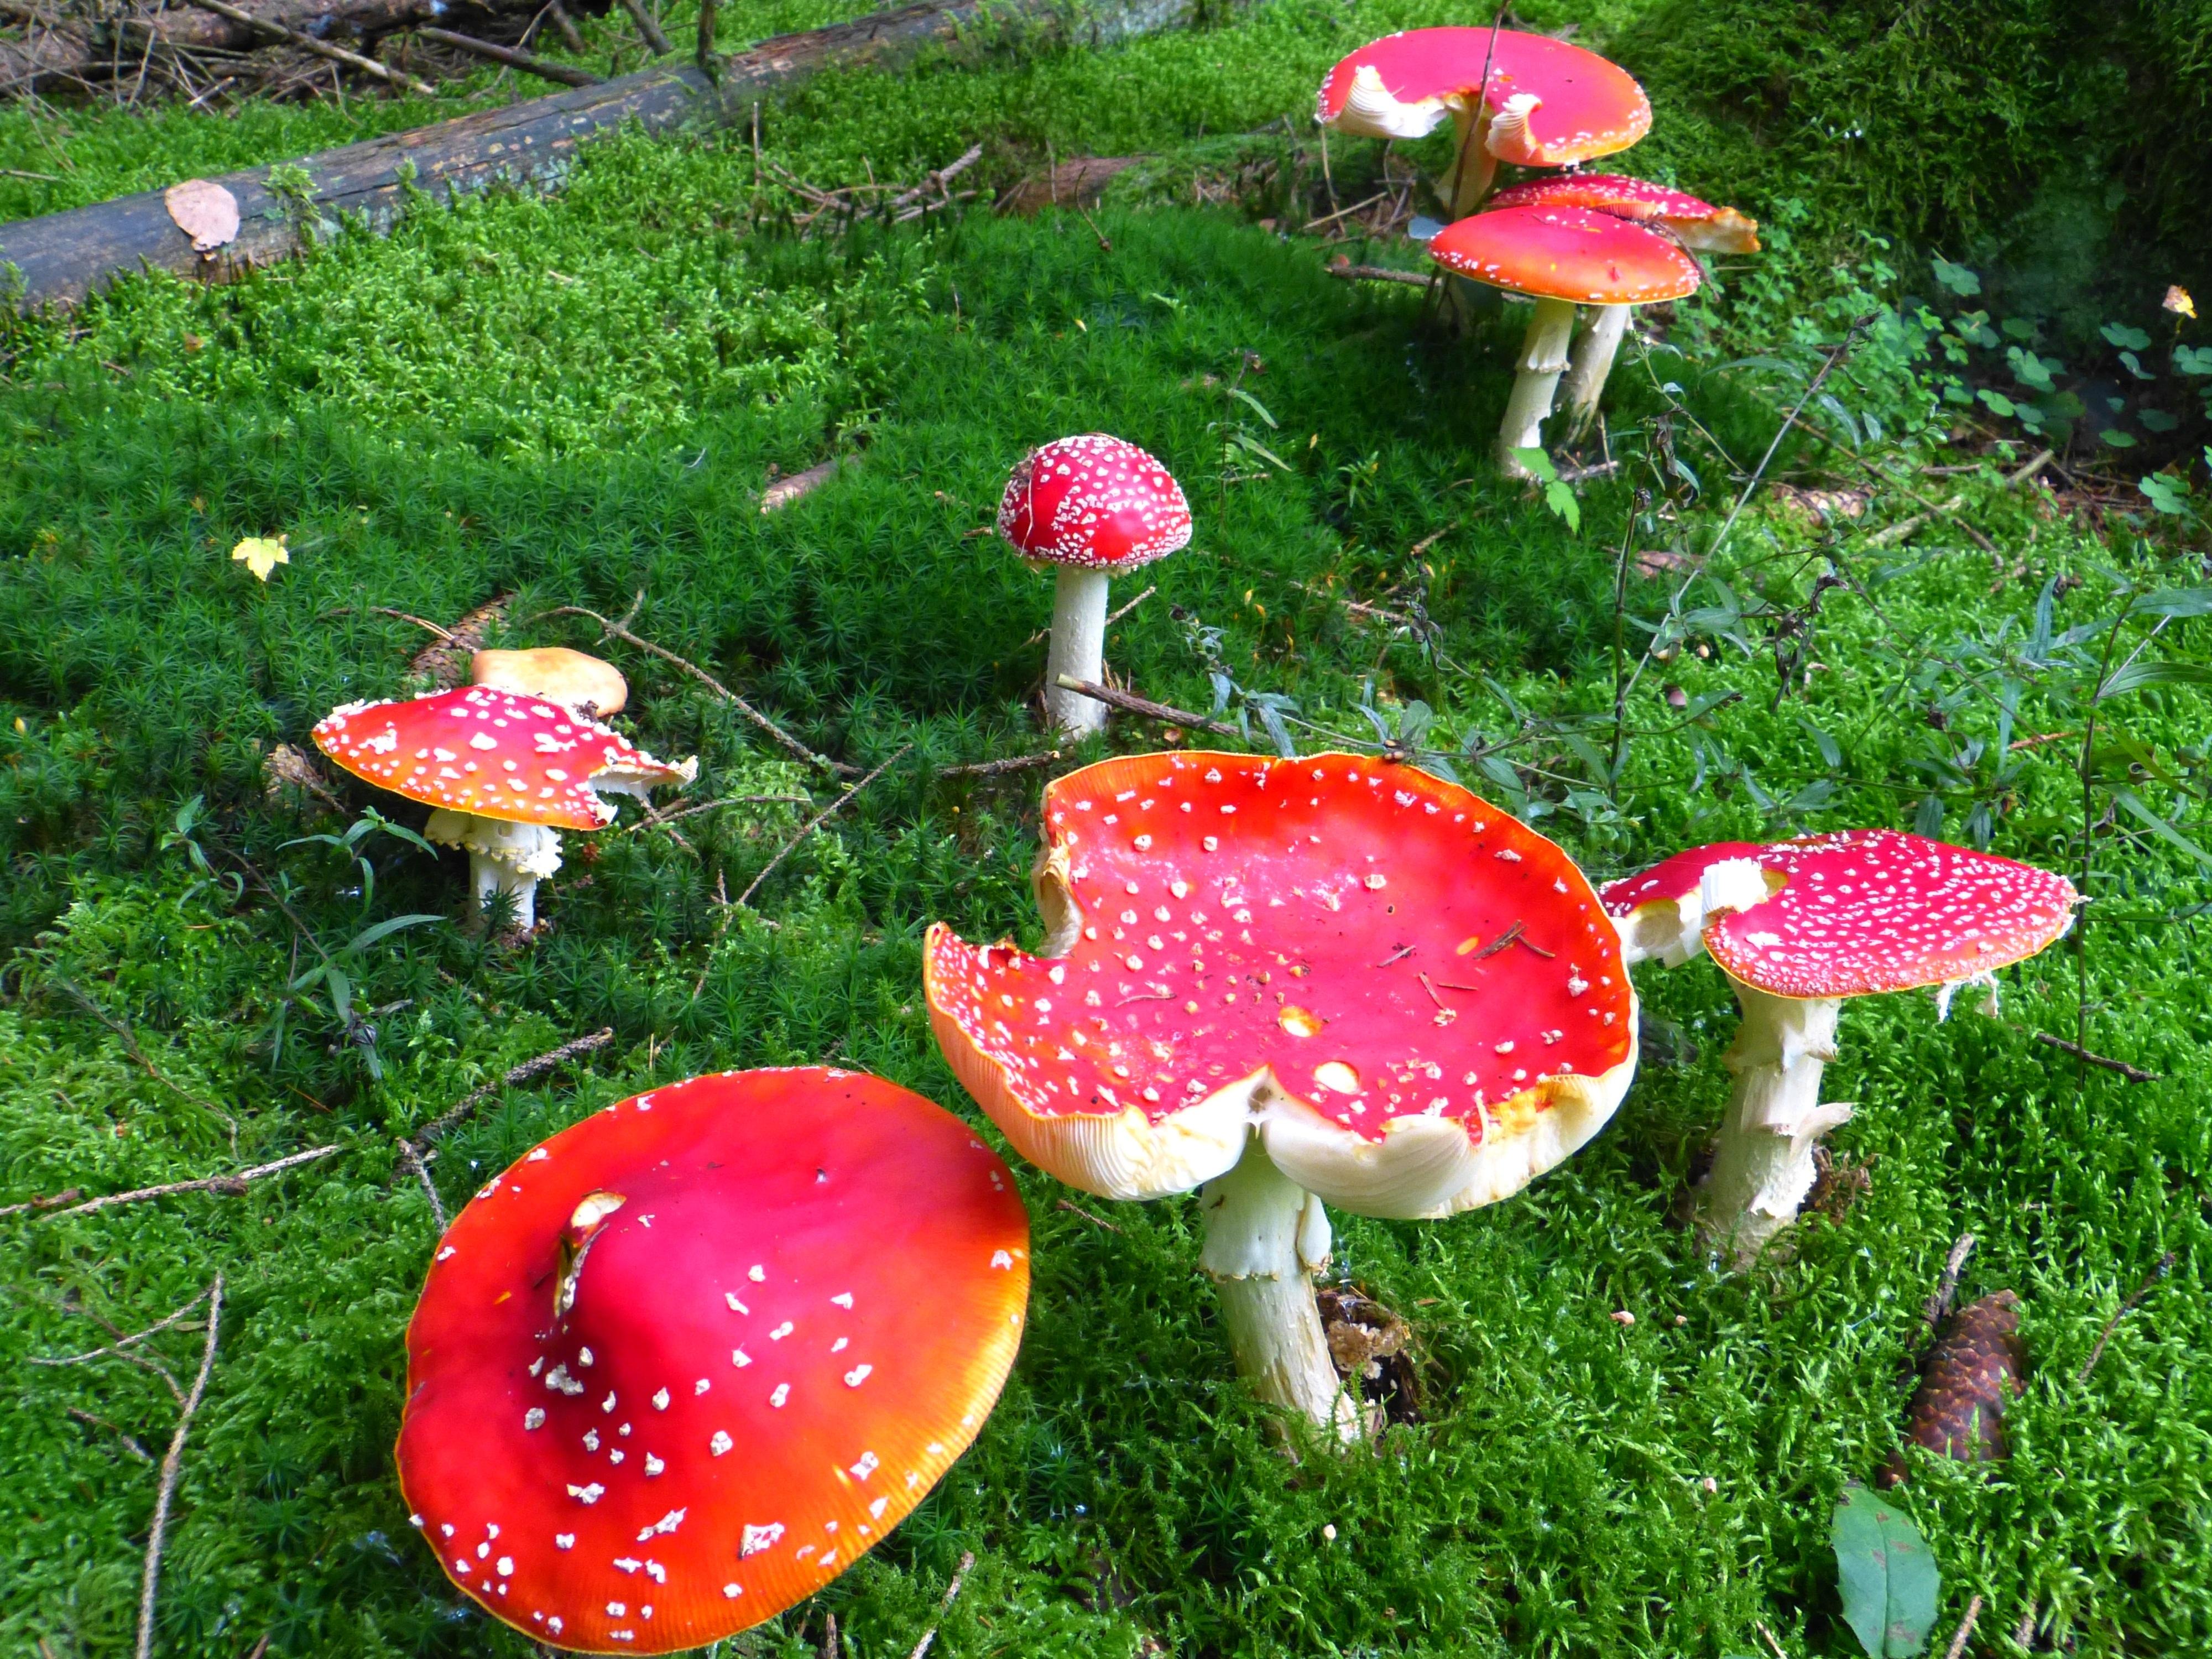 Images gratuites la nature for t plante pelouse fleur mousse rouge l 39 automne botanique - Quand planter de la pelouse ...